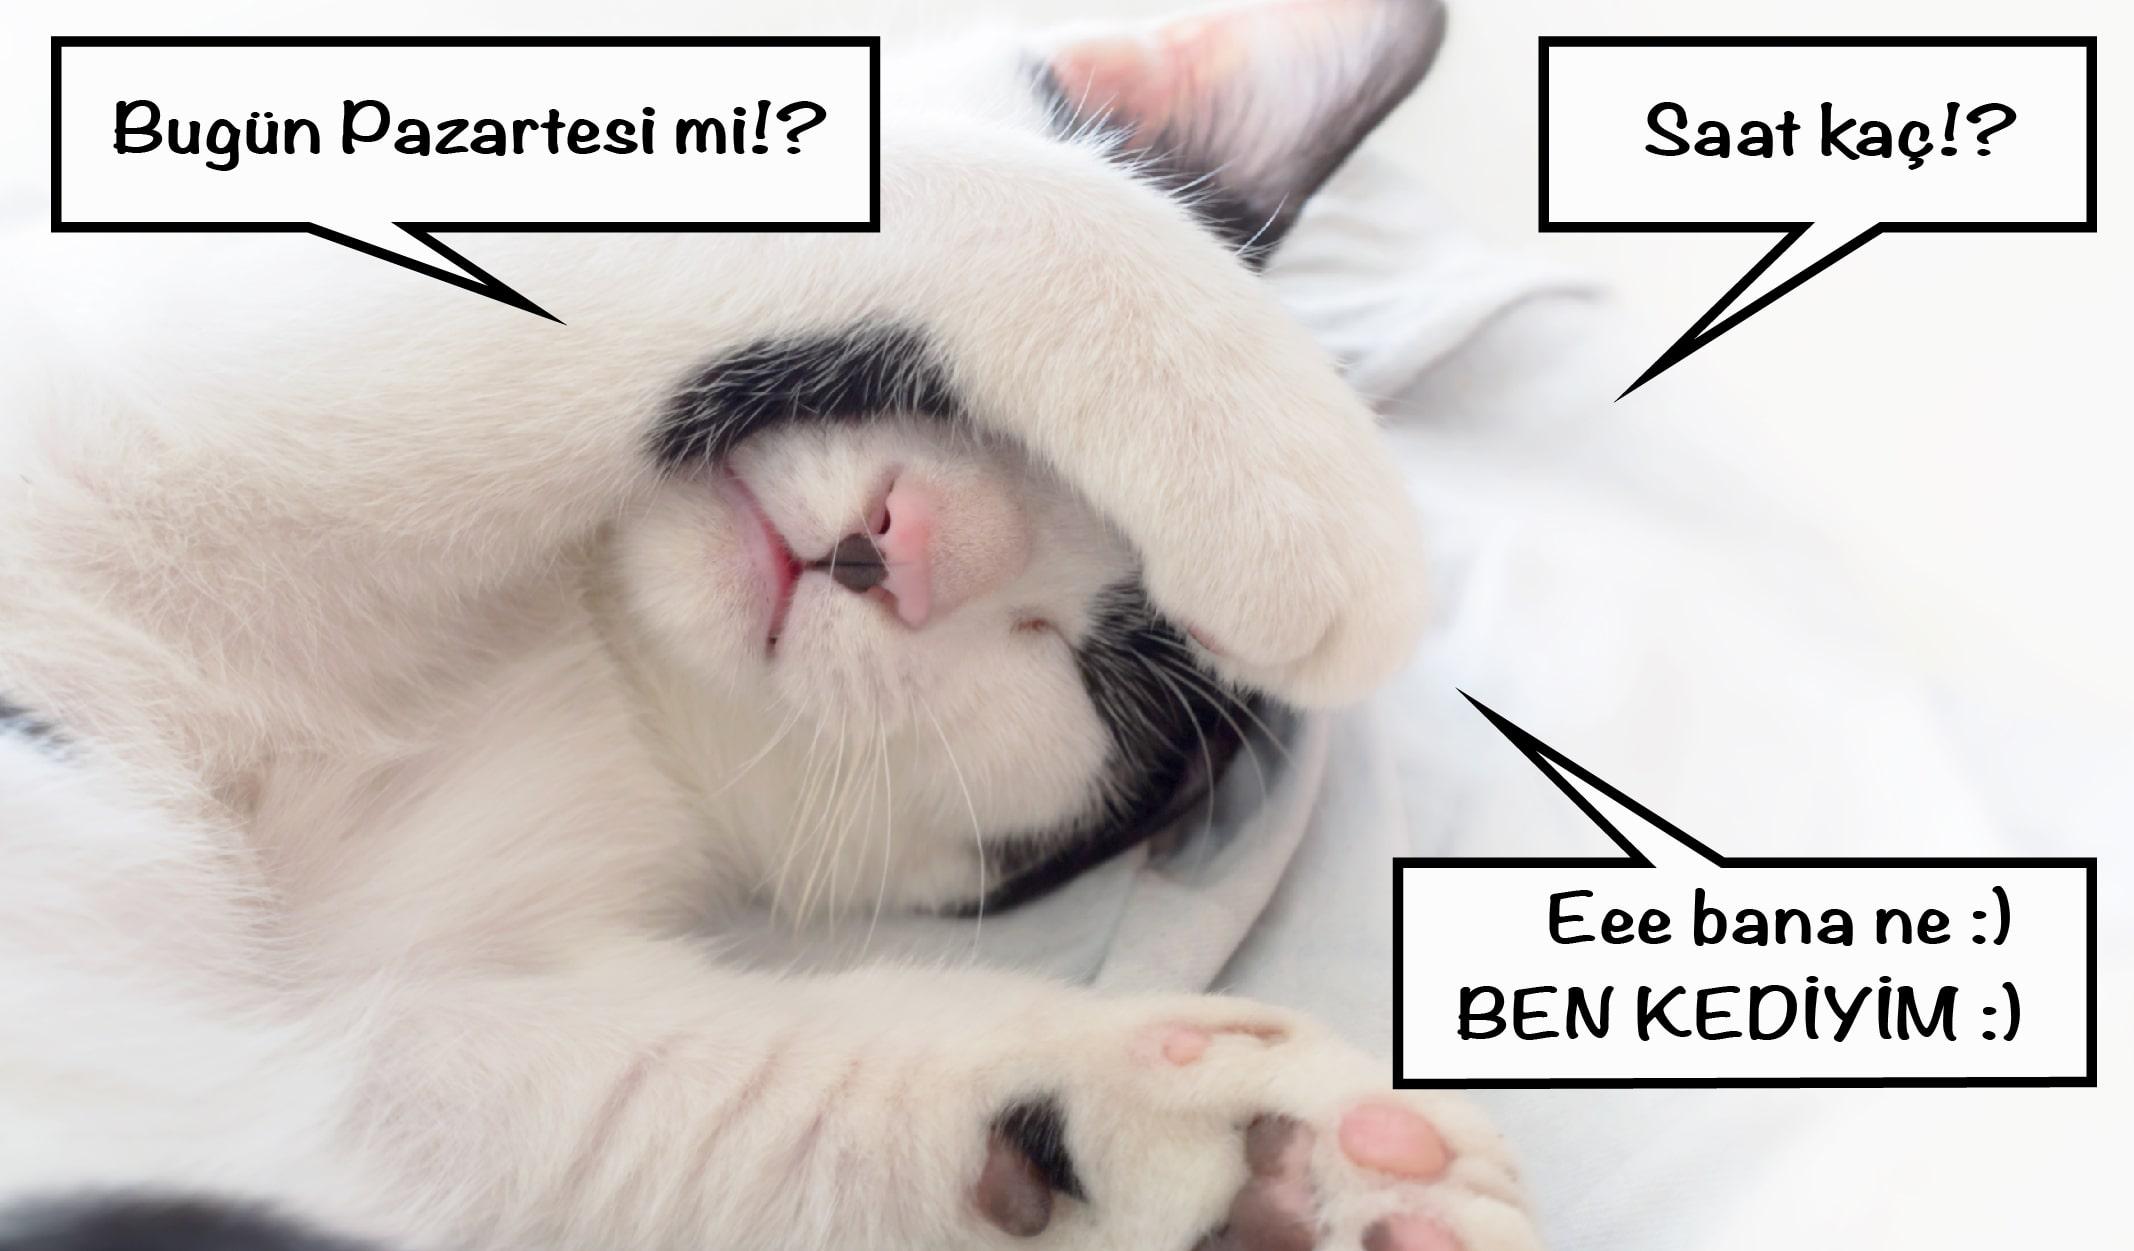 kedi, cat